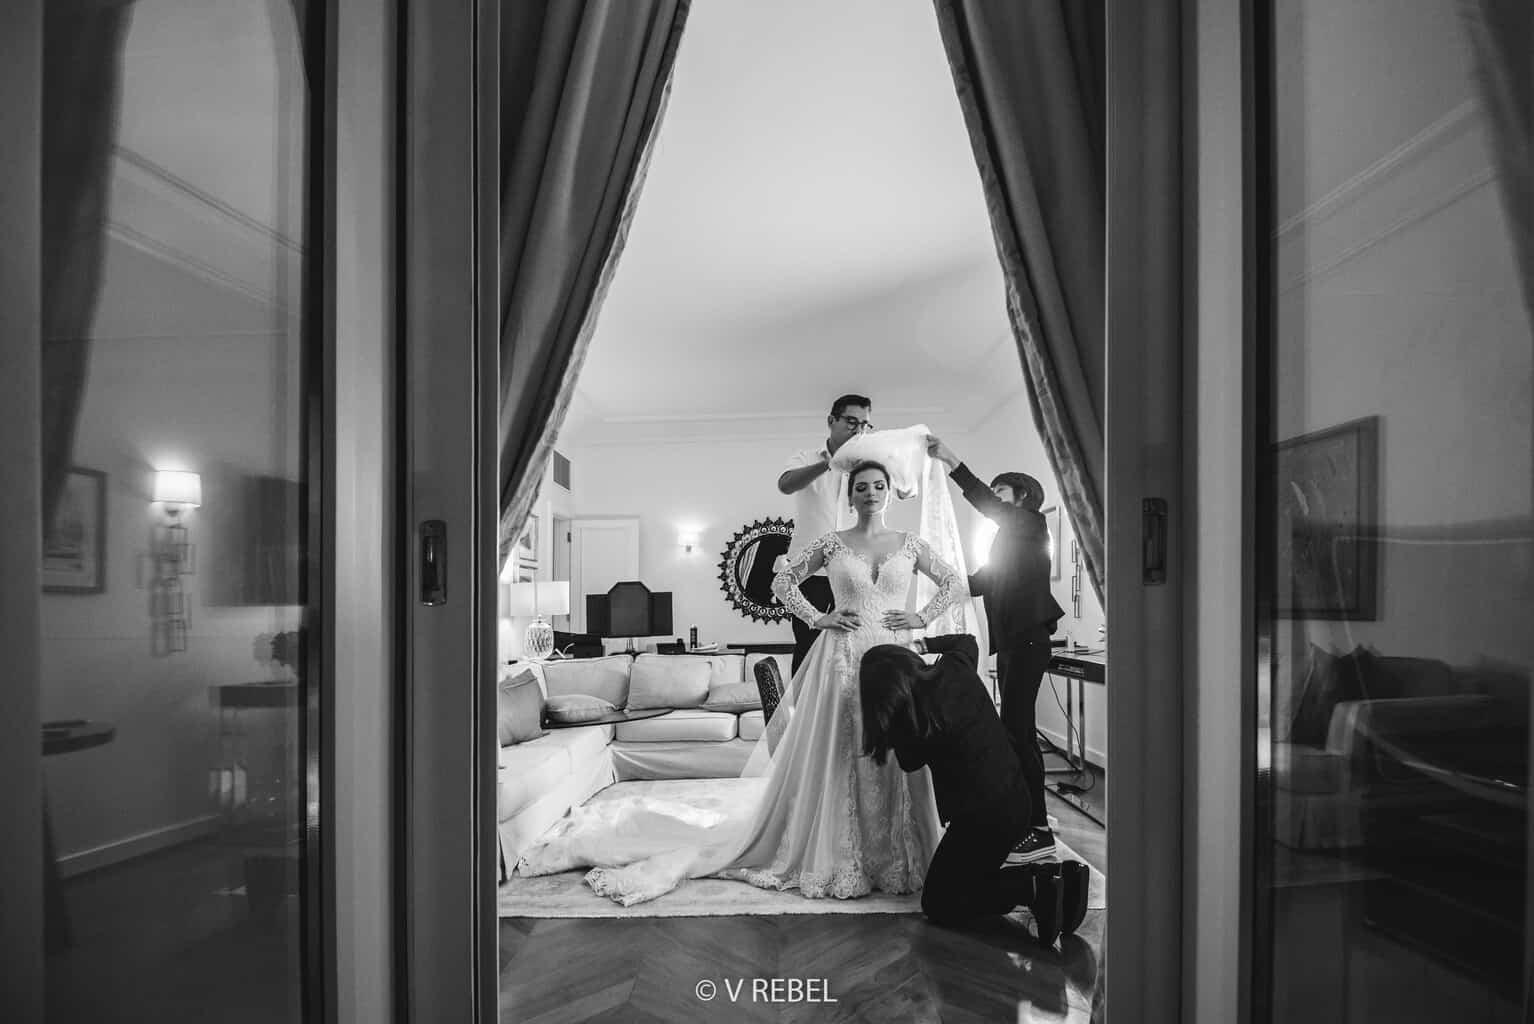 casamento-Caroline-e-Breno-casamento-clássico-fotografia-VRebel-making-of19